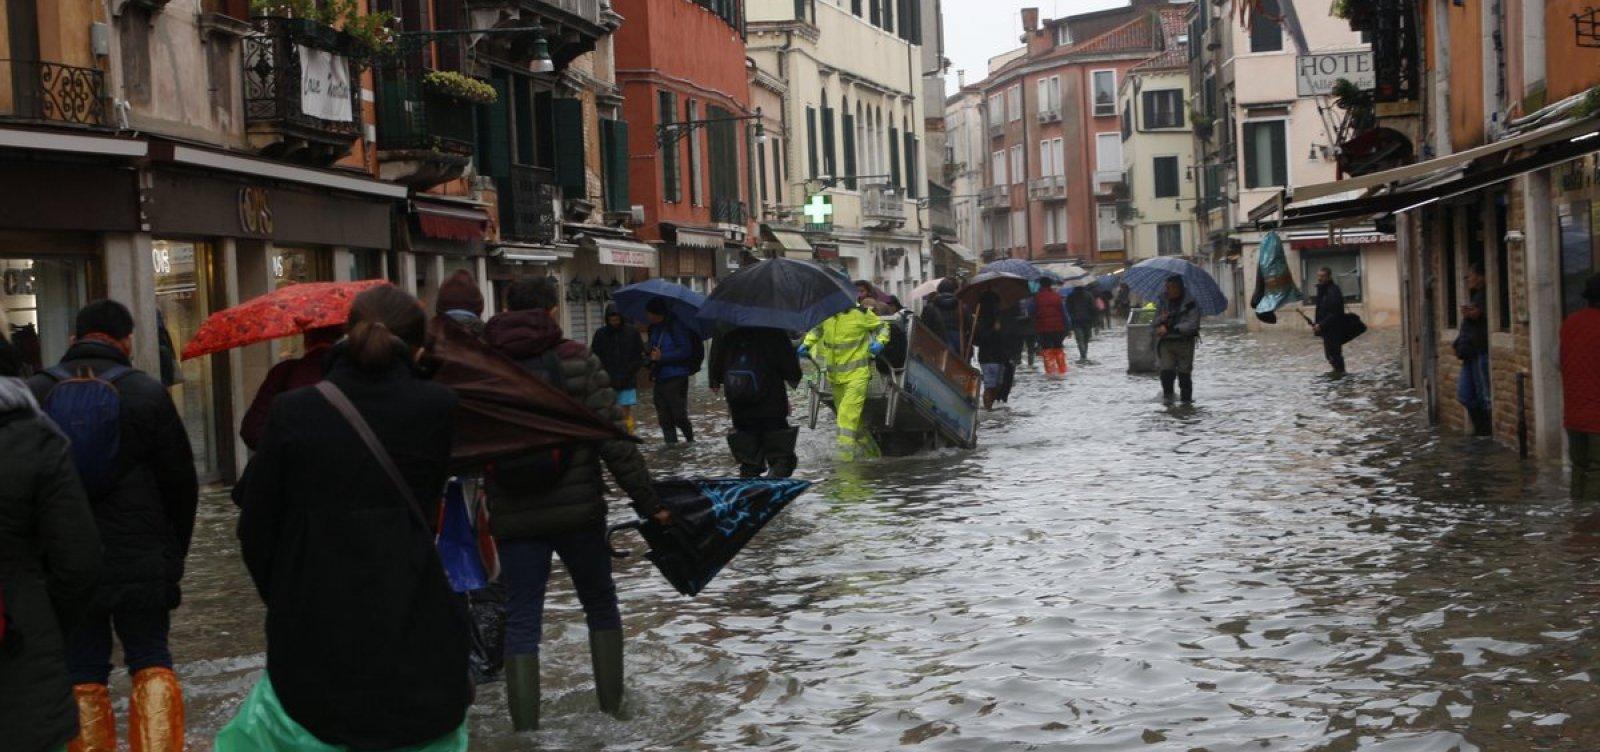 Duas pessoas morrem após inundações em Veneza